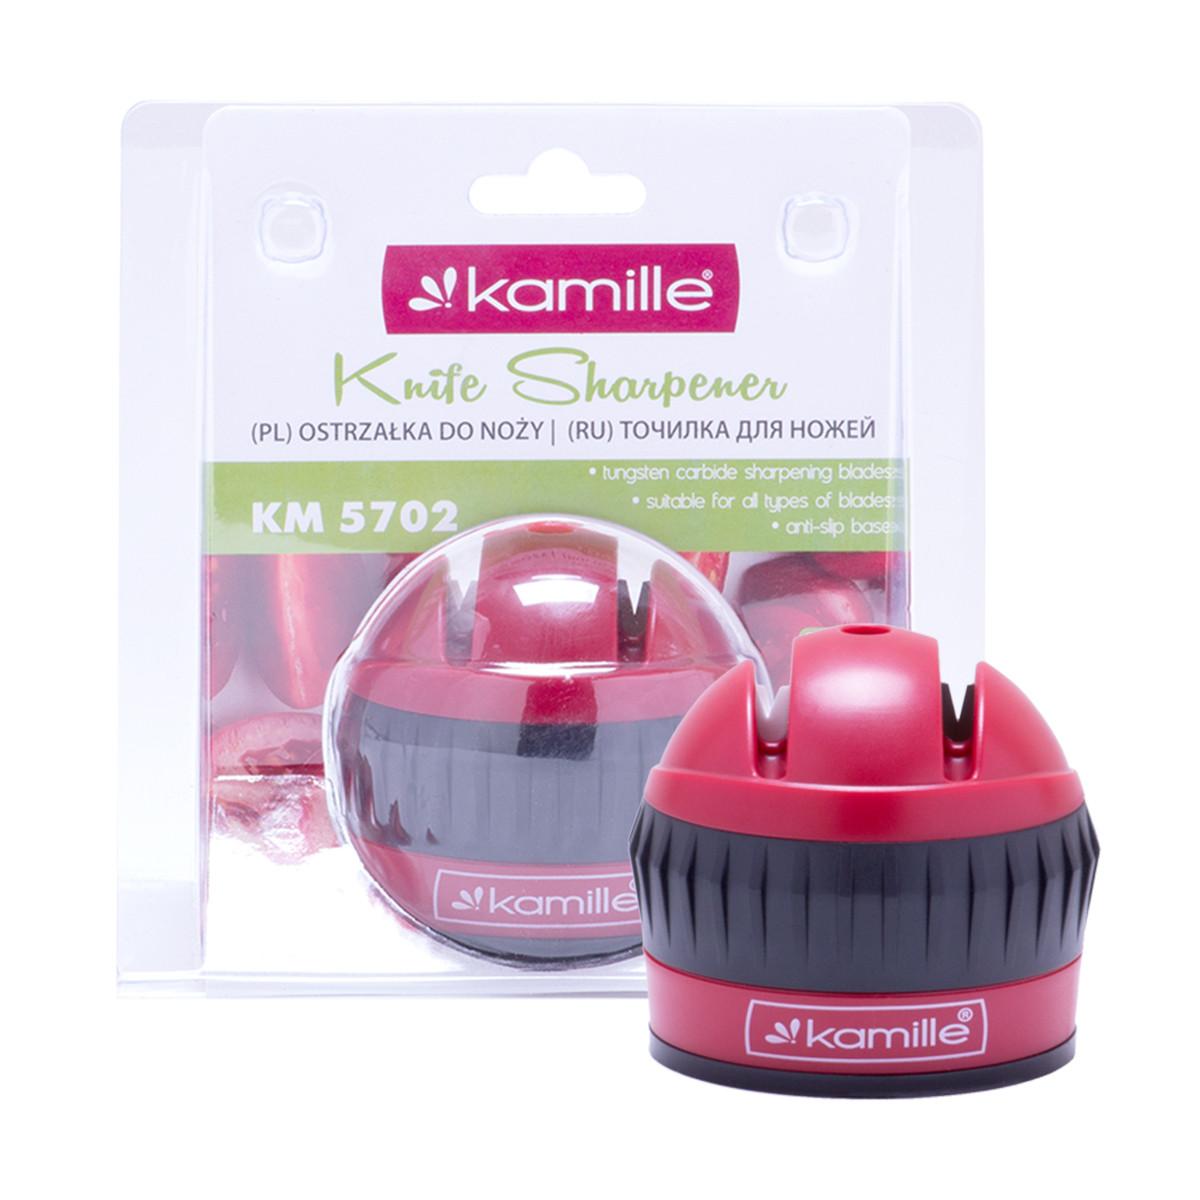 Точилка для ножей Kamille 6*6*6.5см с присоской KM-5702